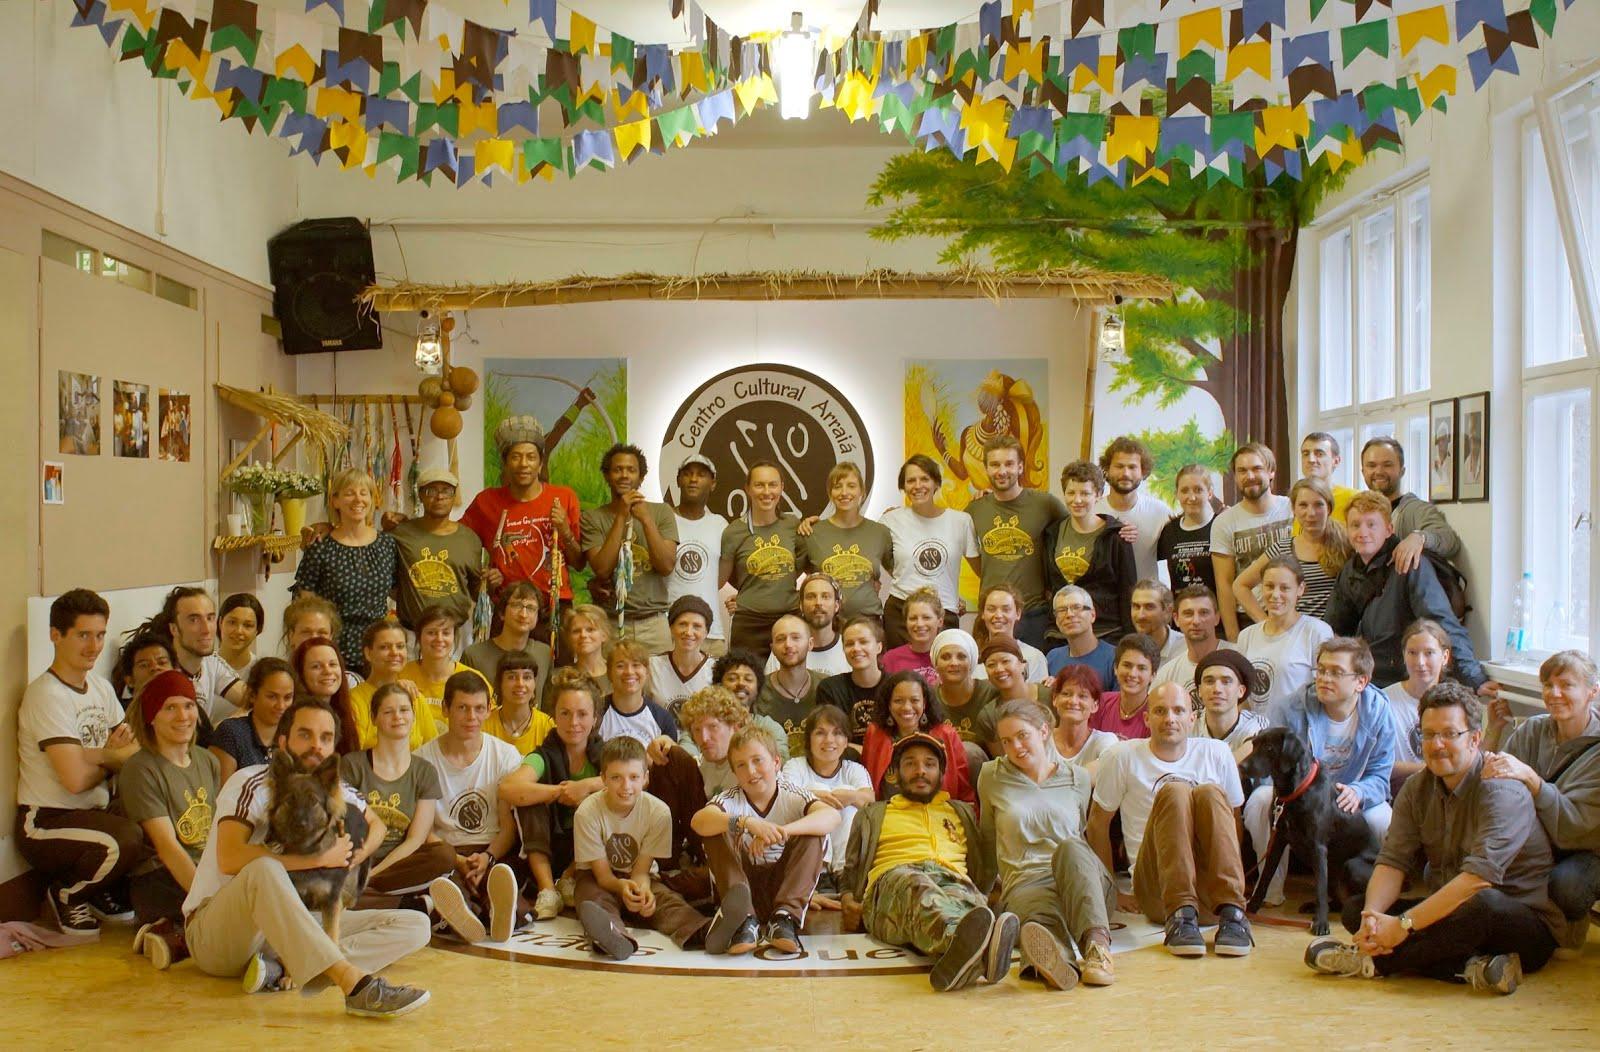 V. aniversario und Einweihung des Centro Cultural Arraiá 6/15